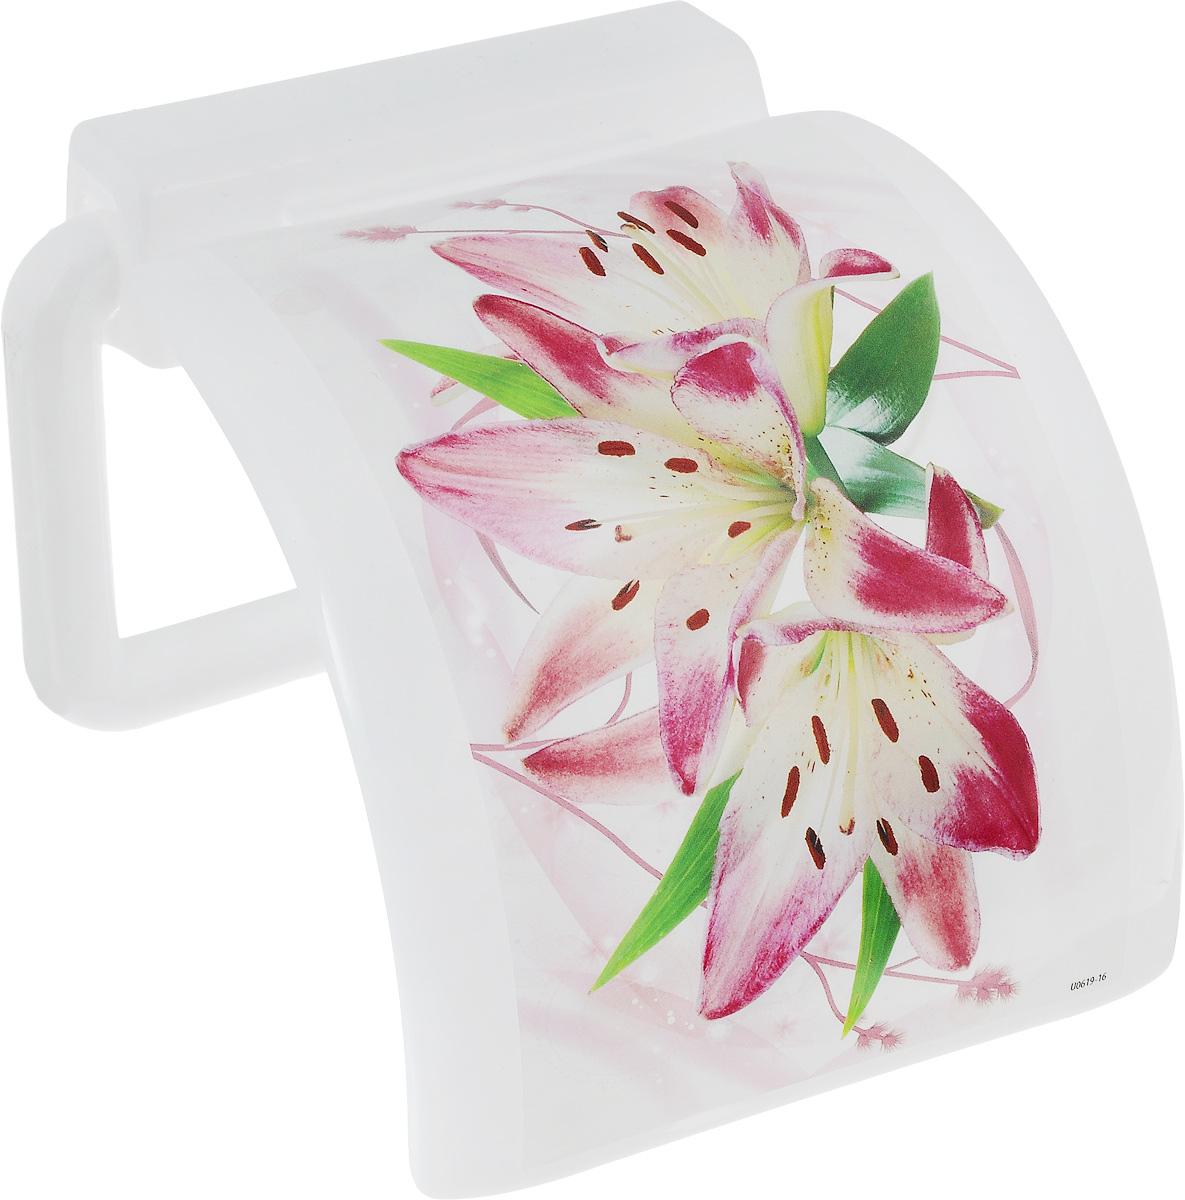 Держатель для туалетной бумаги Idea Деко. Лилия, с крышкой, цвет: белый, розовый, зеленый68/5/3Держатель для туалетной бумаги Idea Деко. Лилия изготовлен из прочного пластика и оснащен крышкой. На задней стенке изделия имеются 2 отверстия для подвешивания. Размер держателя: 15 х 13 х 9 см.